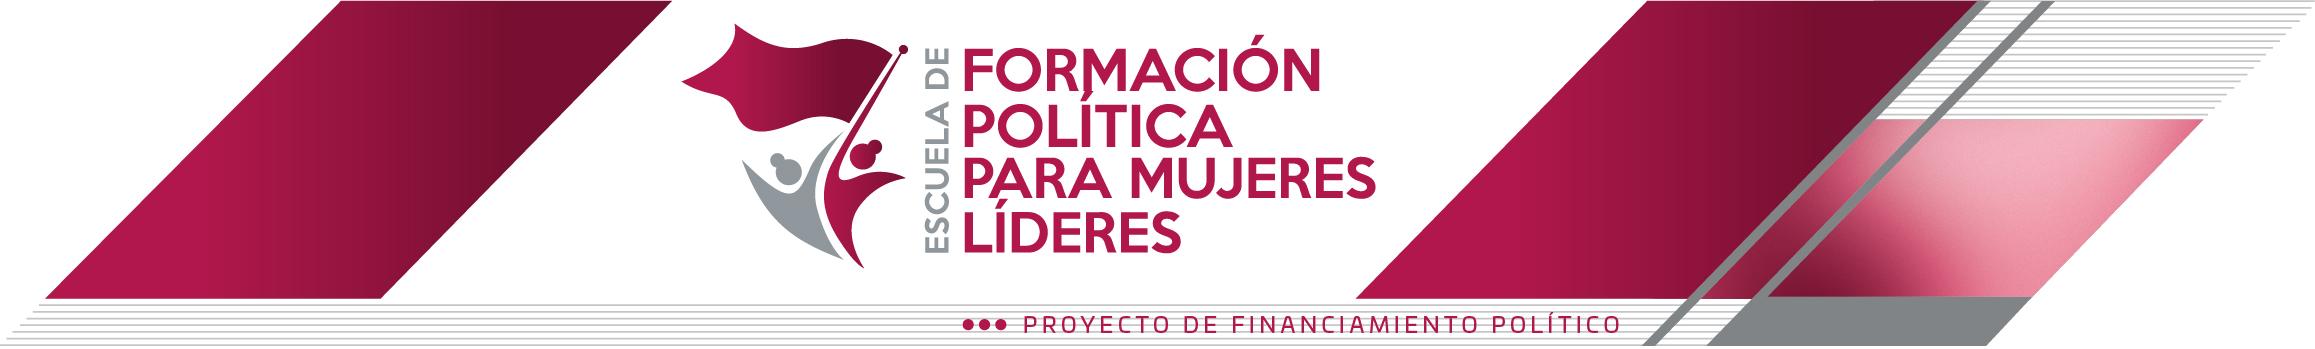 Escuela De Formación Política Para Mujeres Lideres Justicia